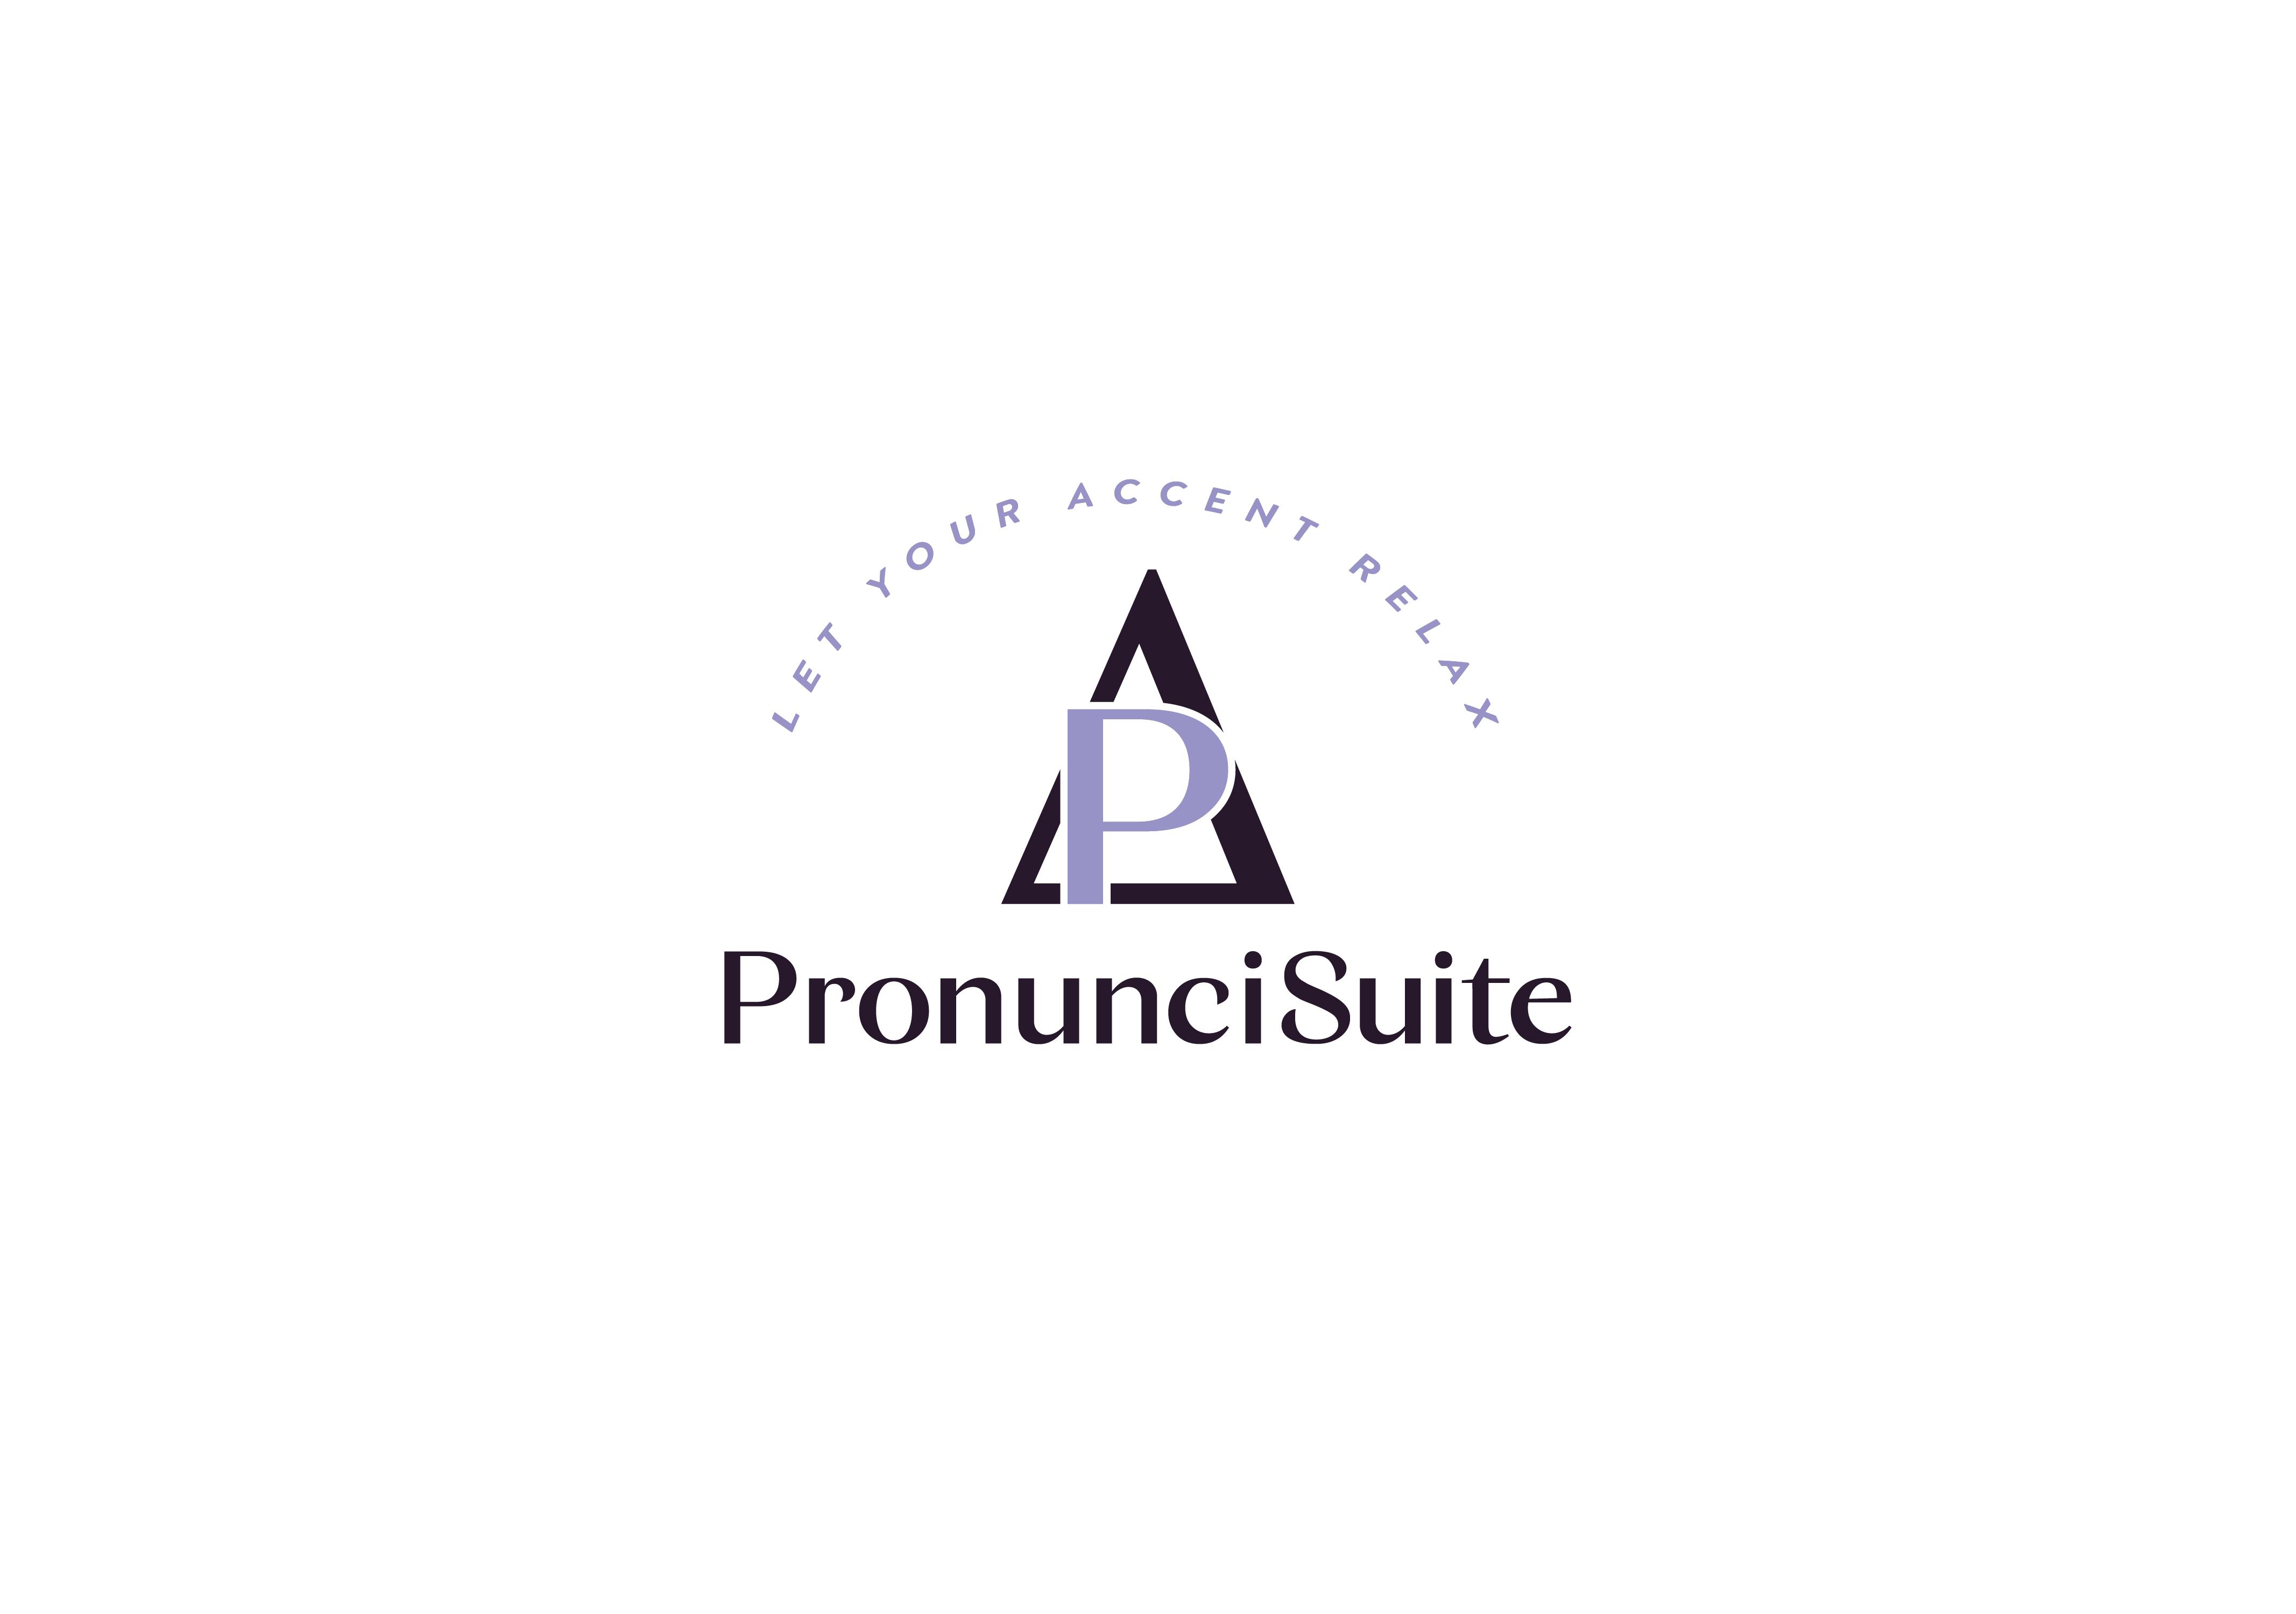 PronunciSuite LLC